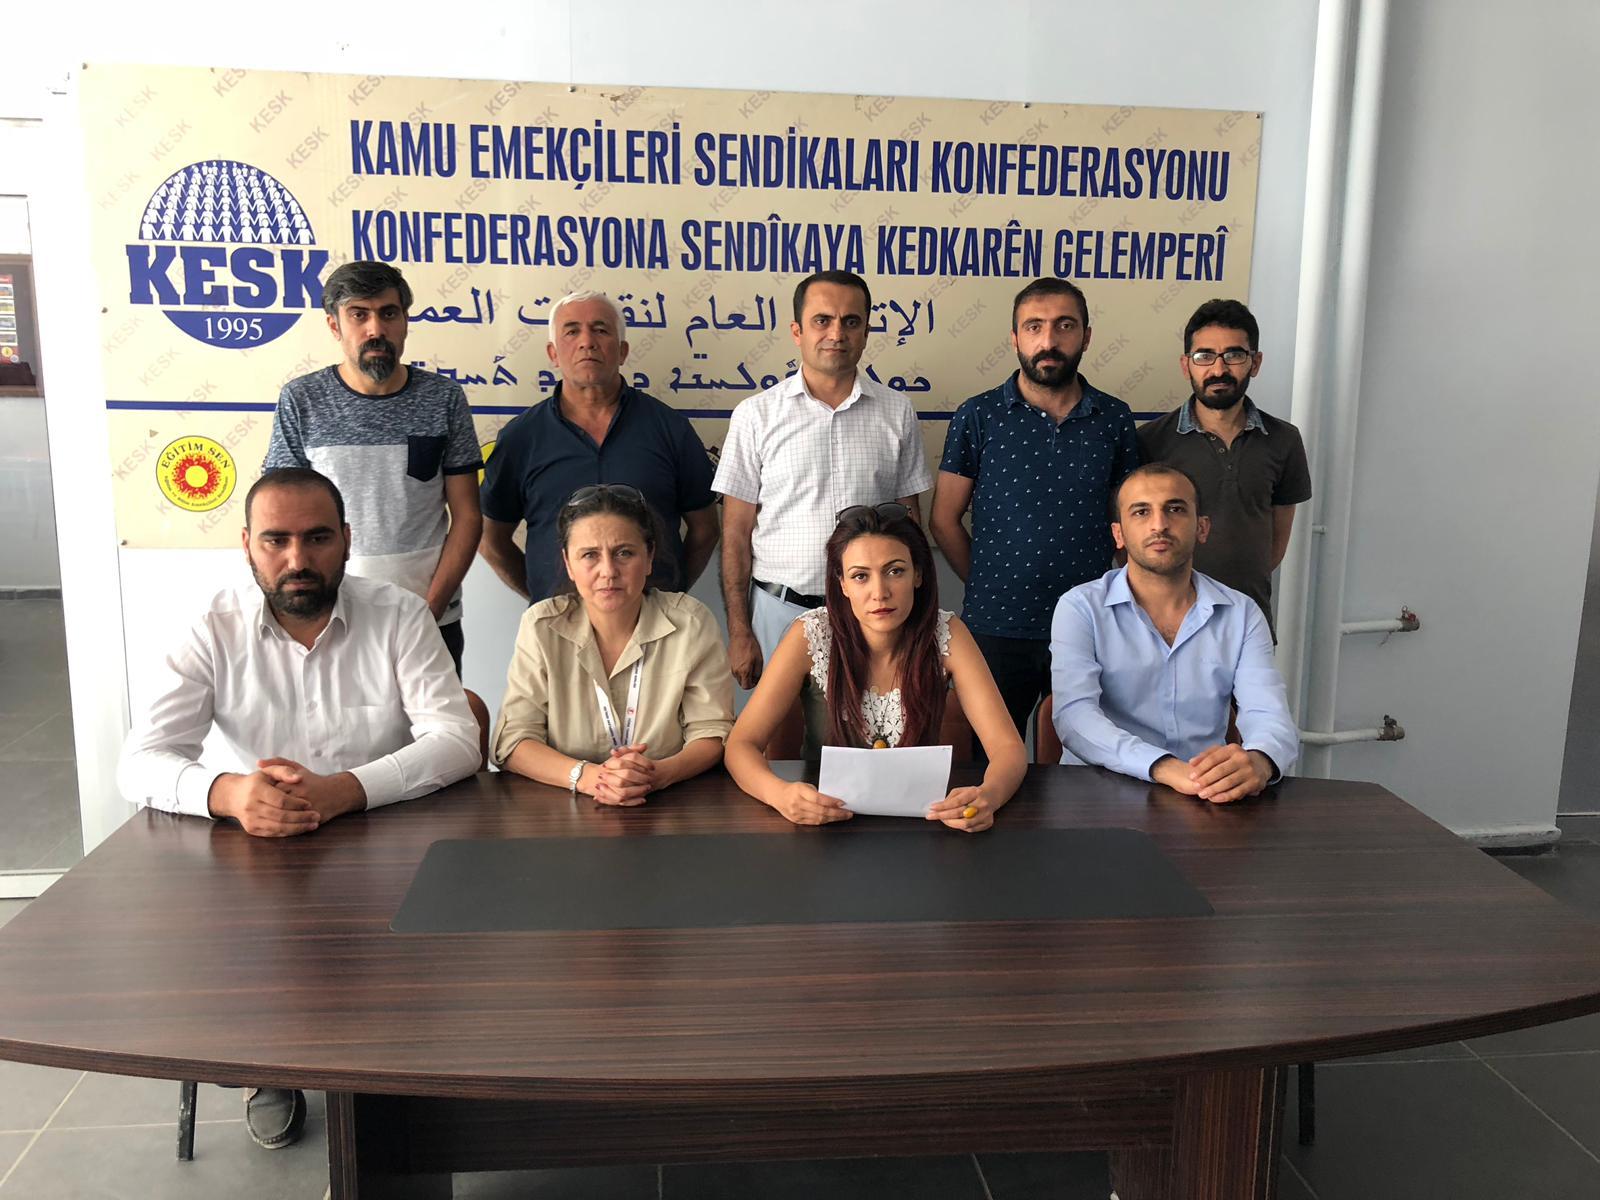 Mardin Açlık Grevleri İzleme Heyeti'nden Mardin Cezaevi Raporu